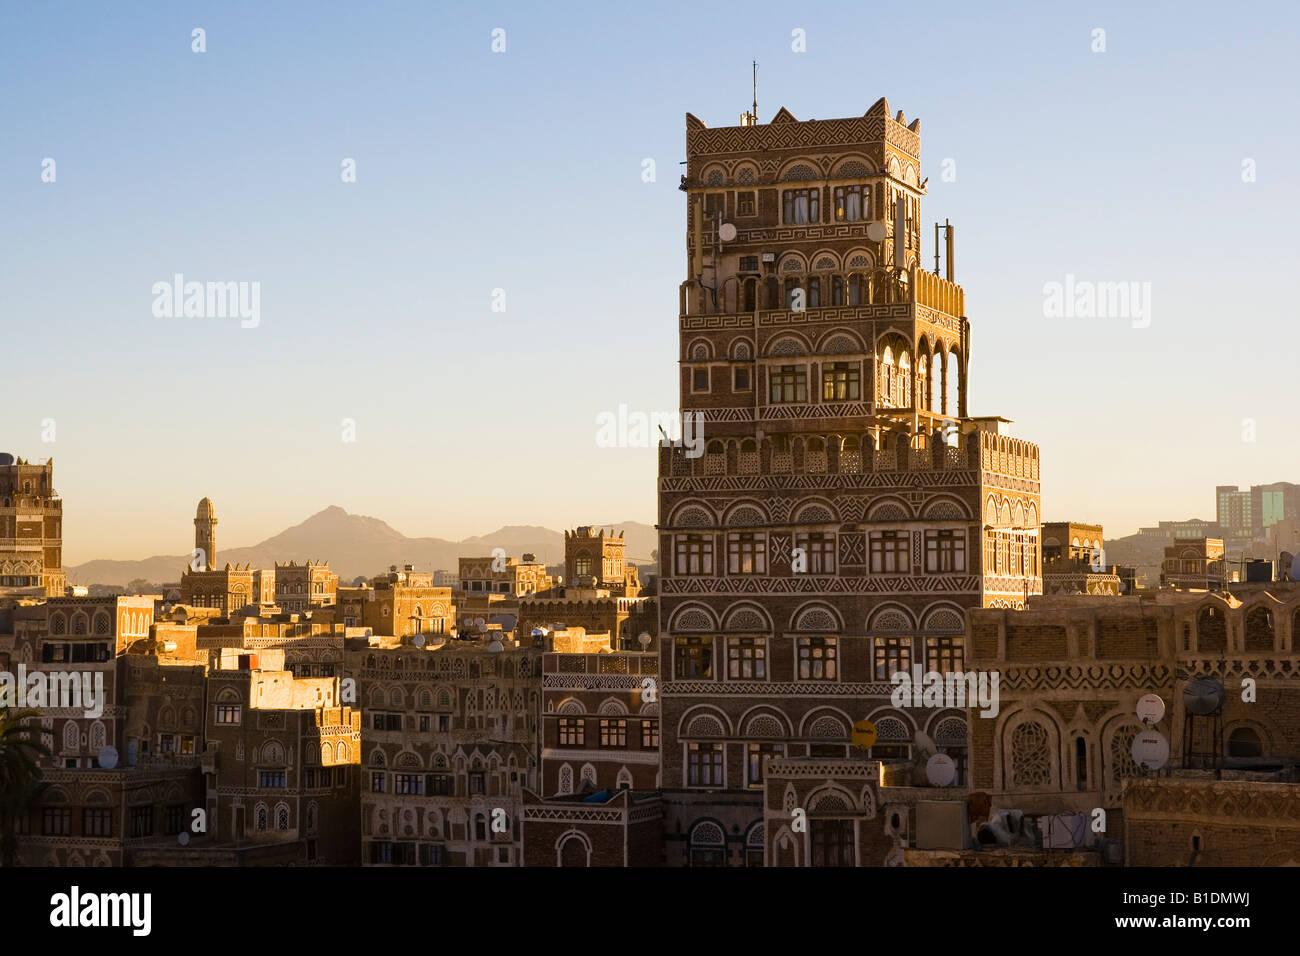 Old city Sunna Yemen at dusk - Stock Image